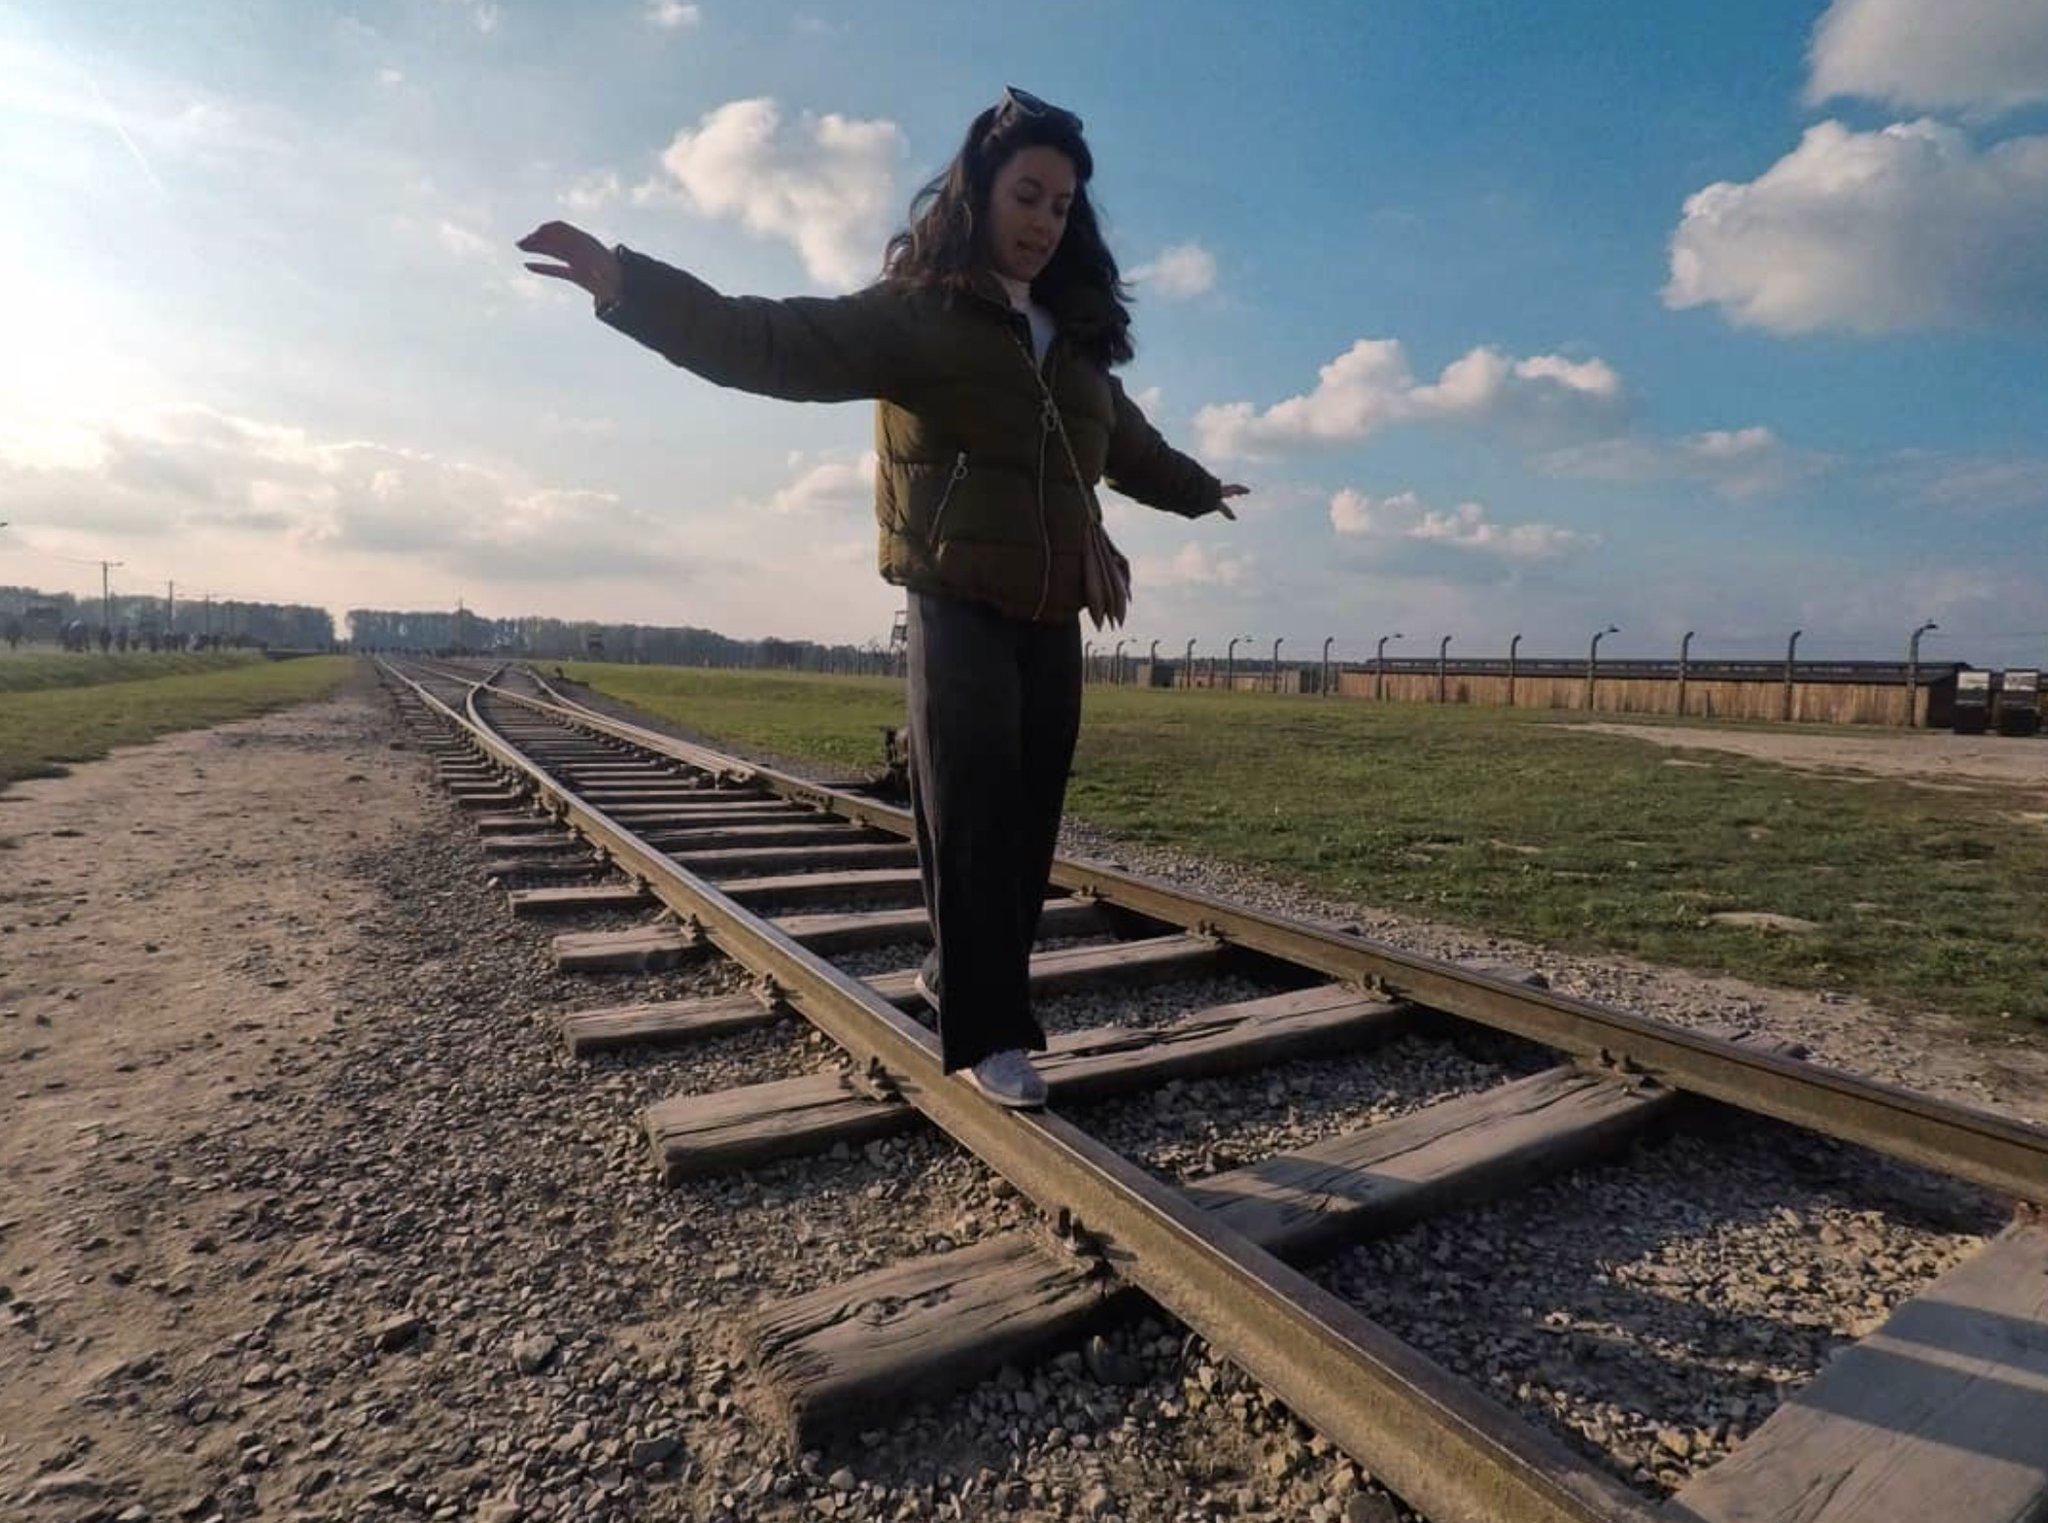 """Auschwitz, appello contro le foto inappropriate. """"Ci sono altri posti dove imparare a stare in equilibrio su un binario"""""""